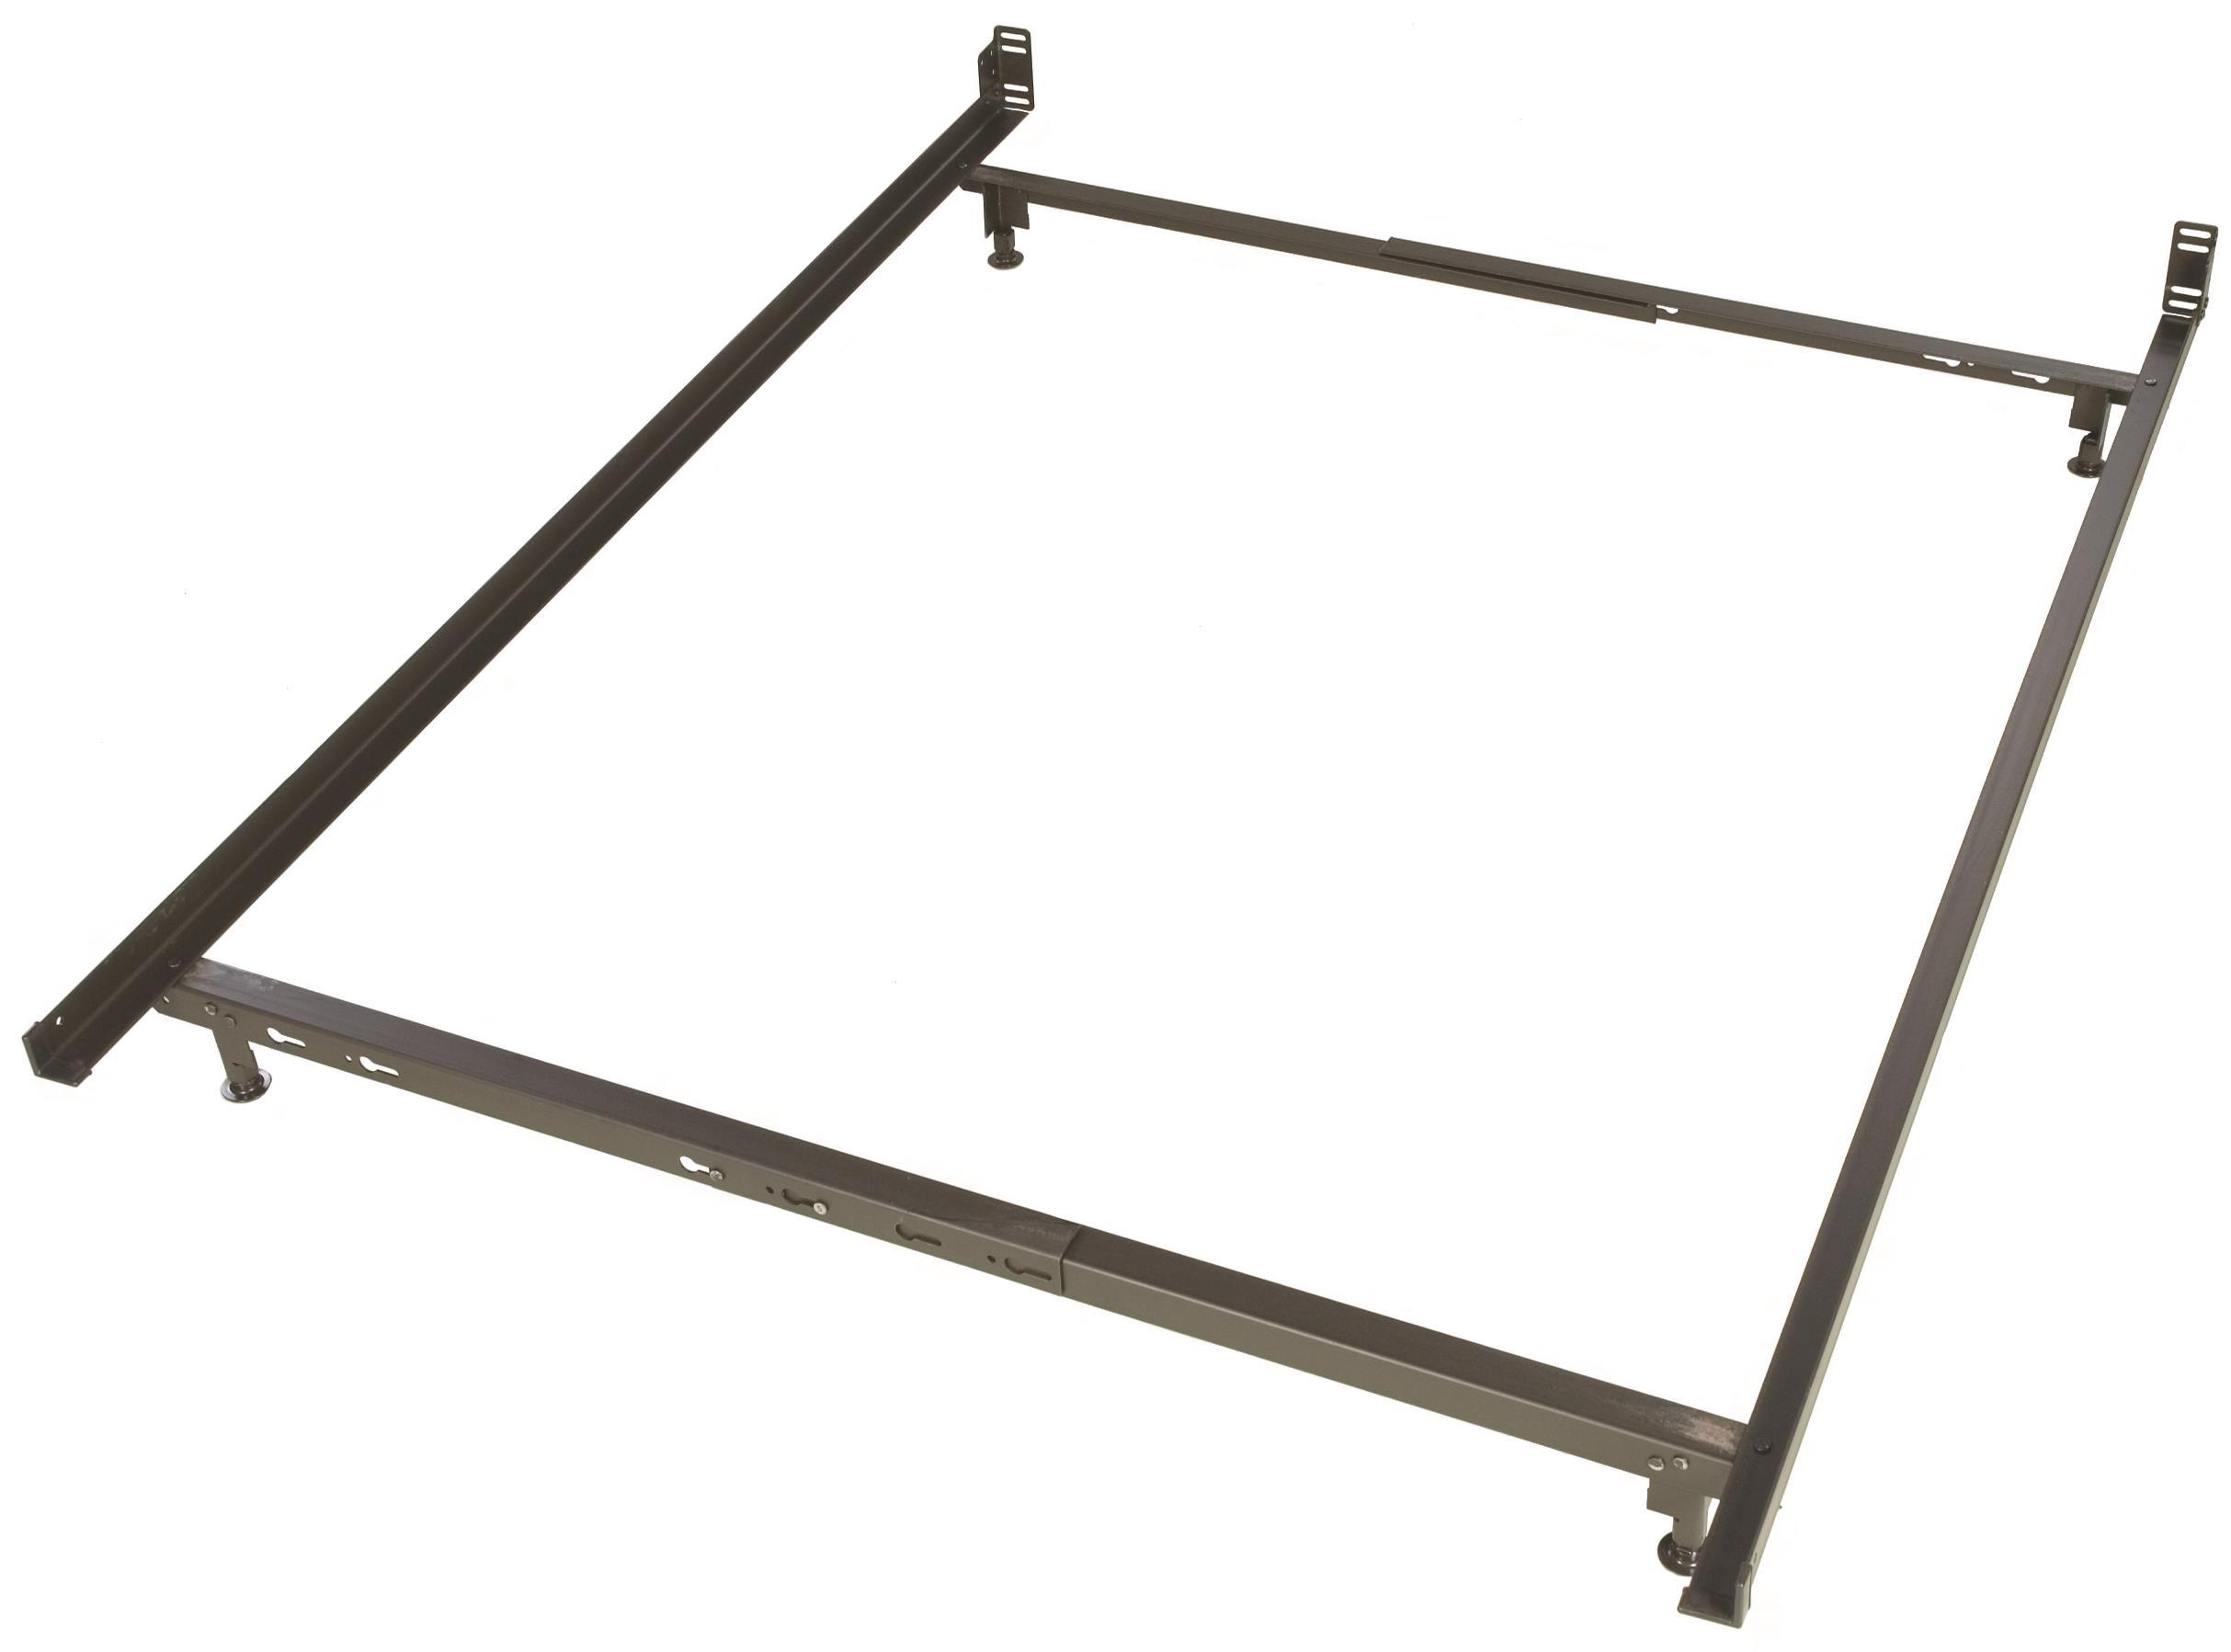 Glideaway Low Profile Bed Frames 4 Leg Twin / Full Low Profile Bed Frame - Item Number: LB24